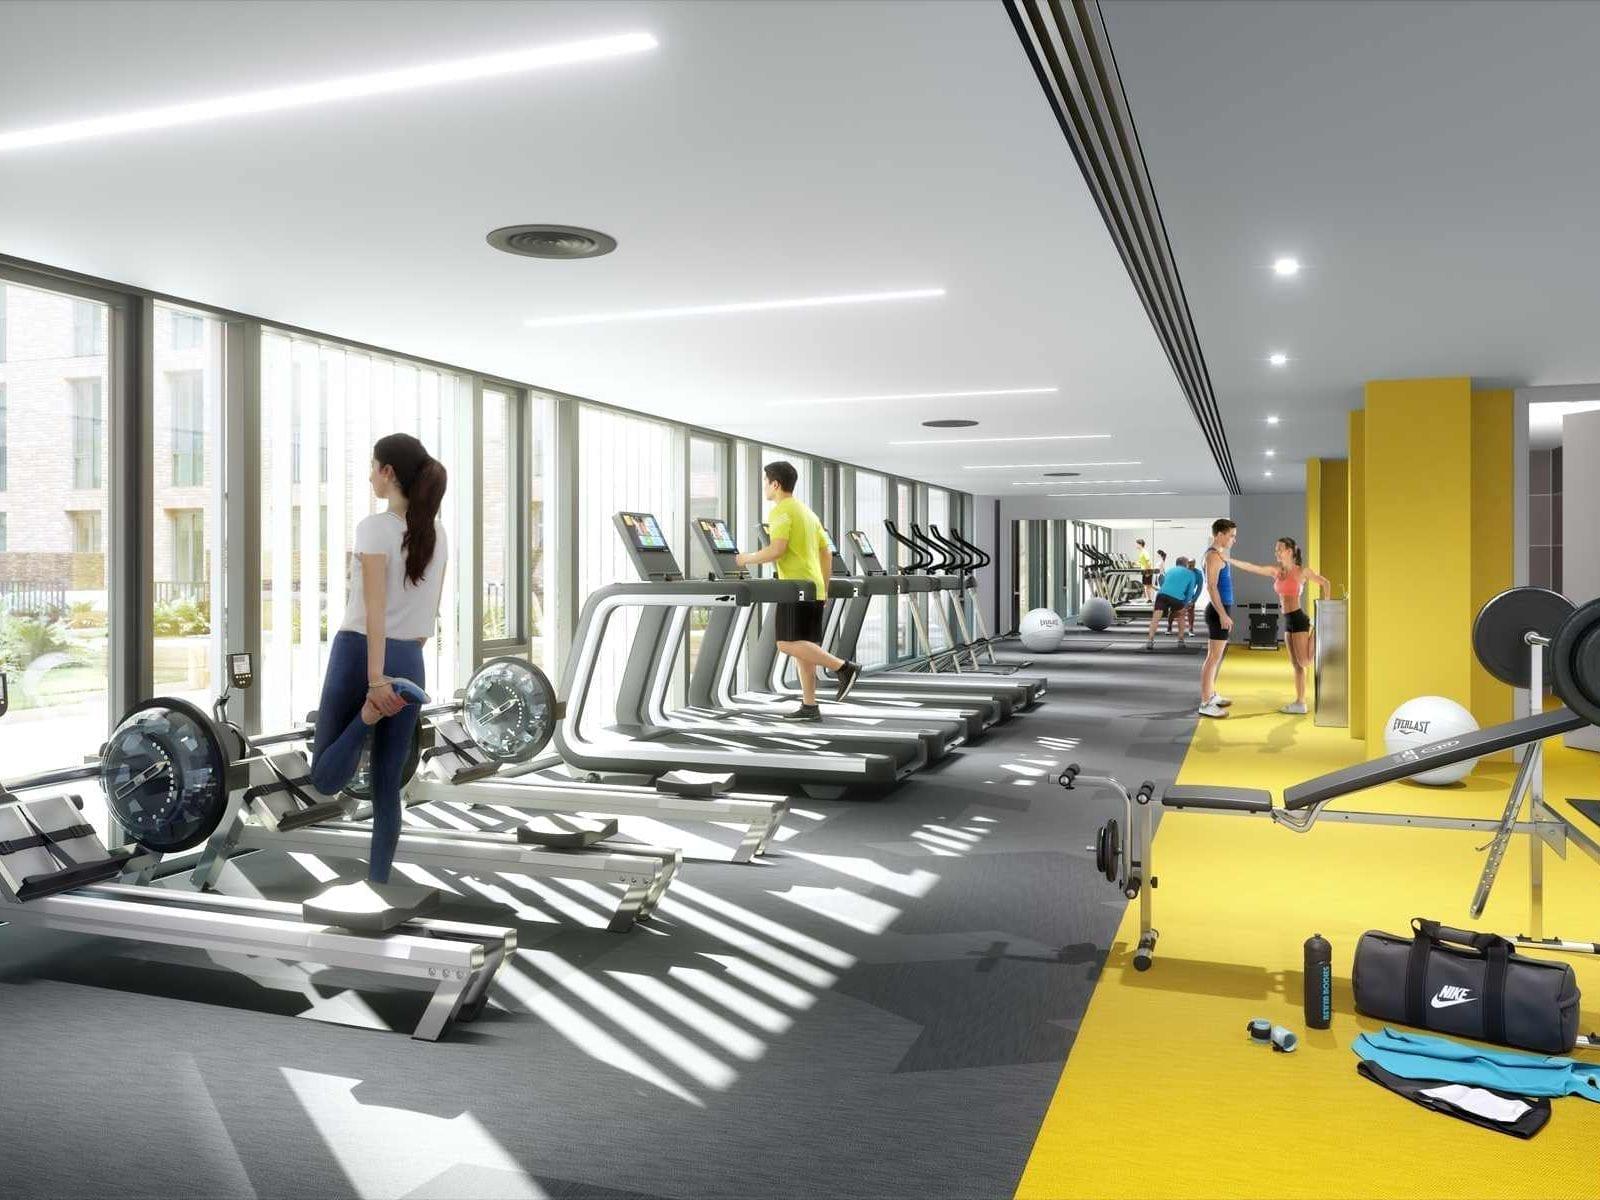 Gym & yoga studios